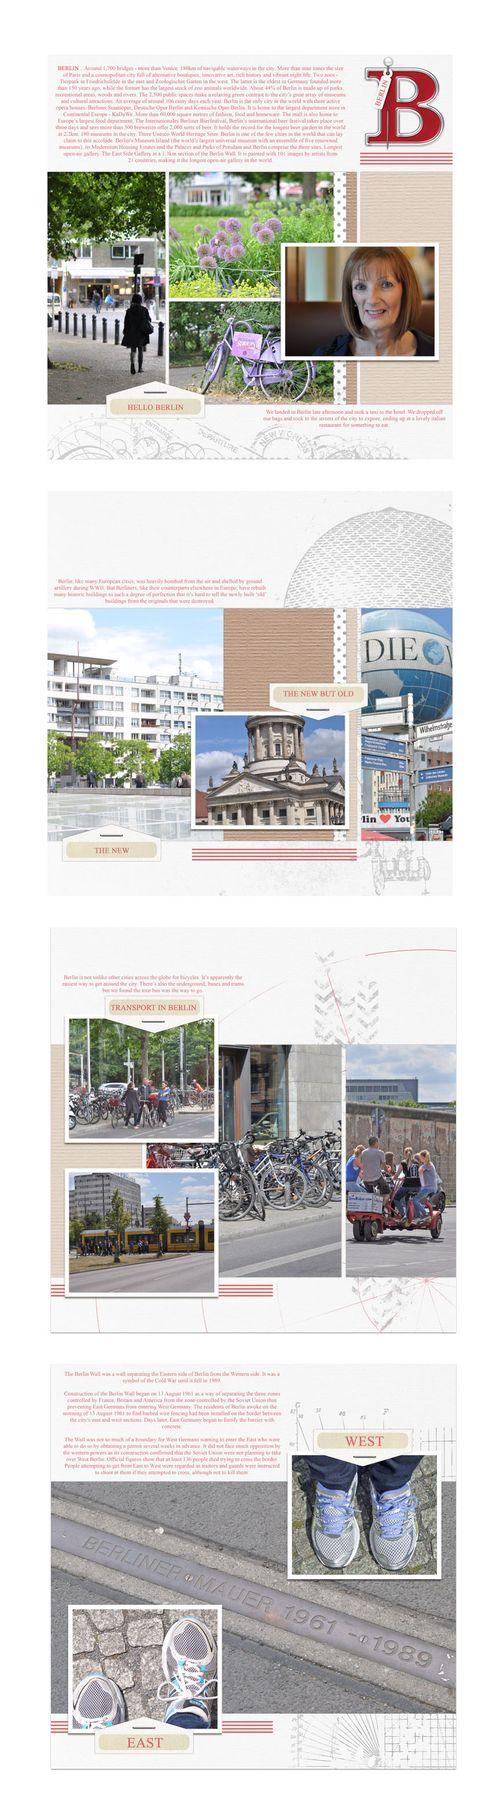 Berlintravelalbum1